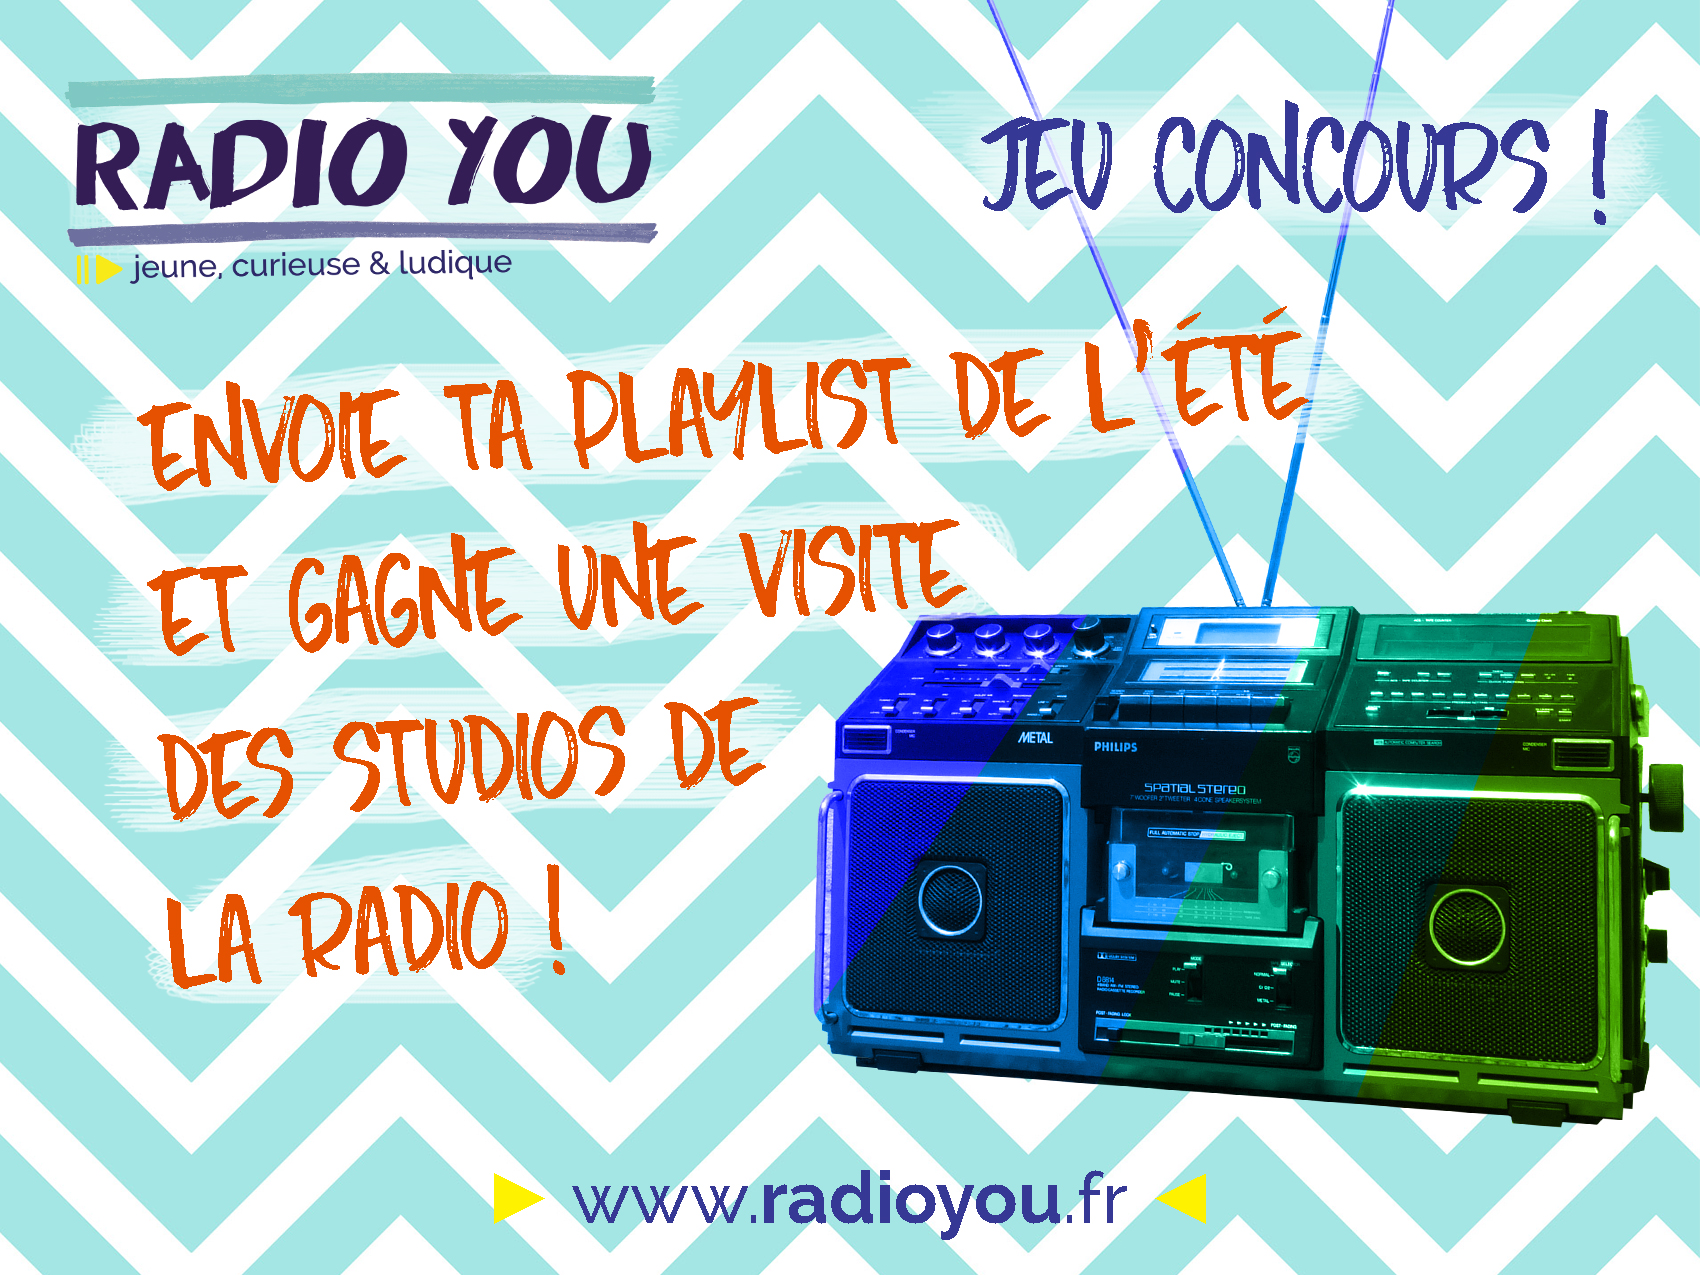 Radio You : une webradio pour les jeunes oreilles